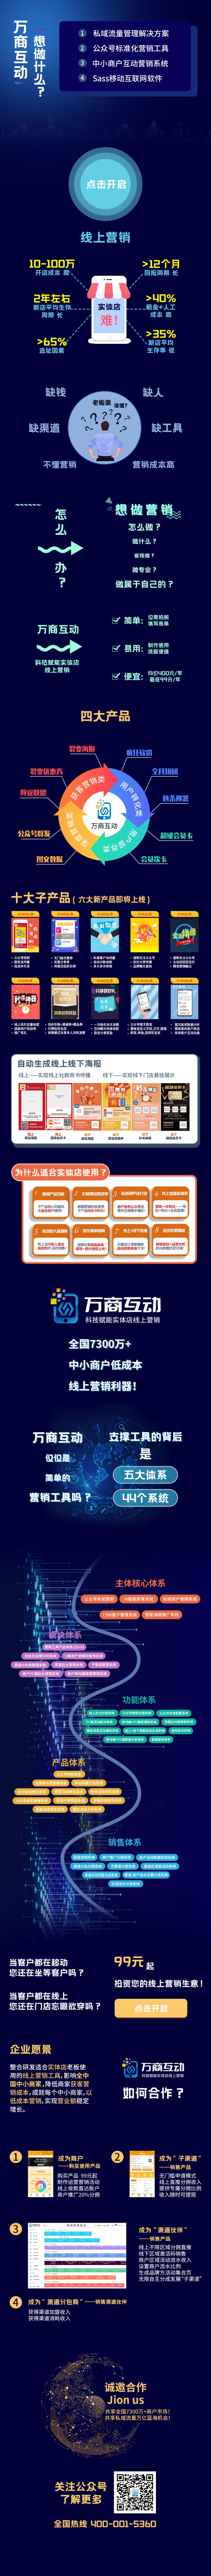 企业宣传长图-竖状.png